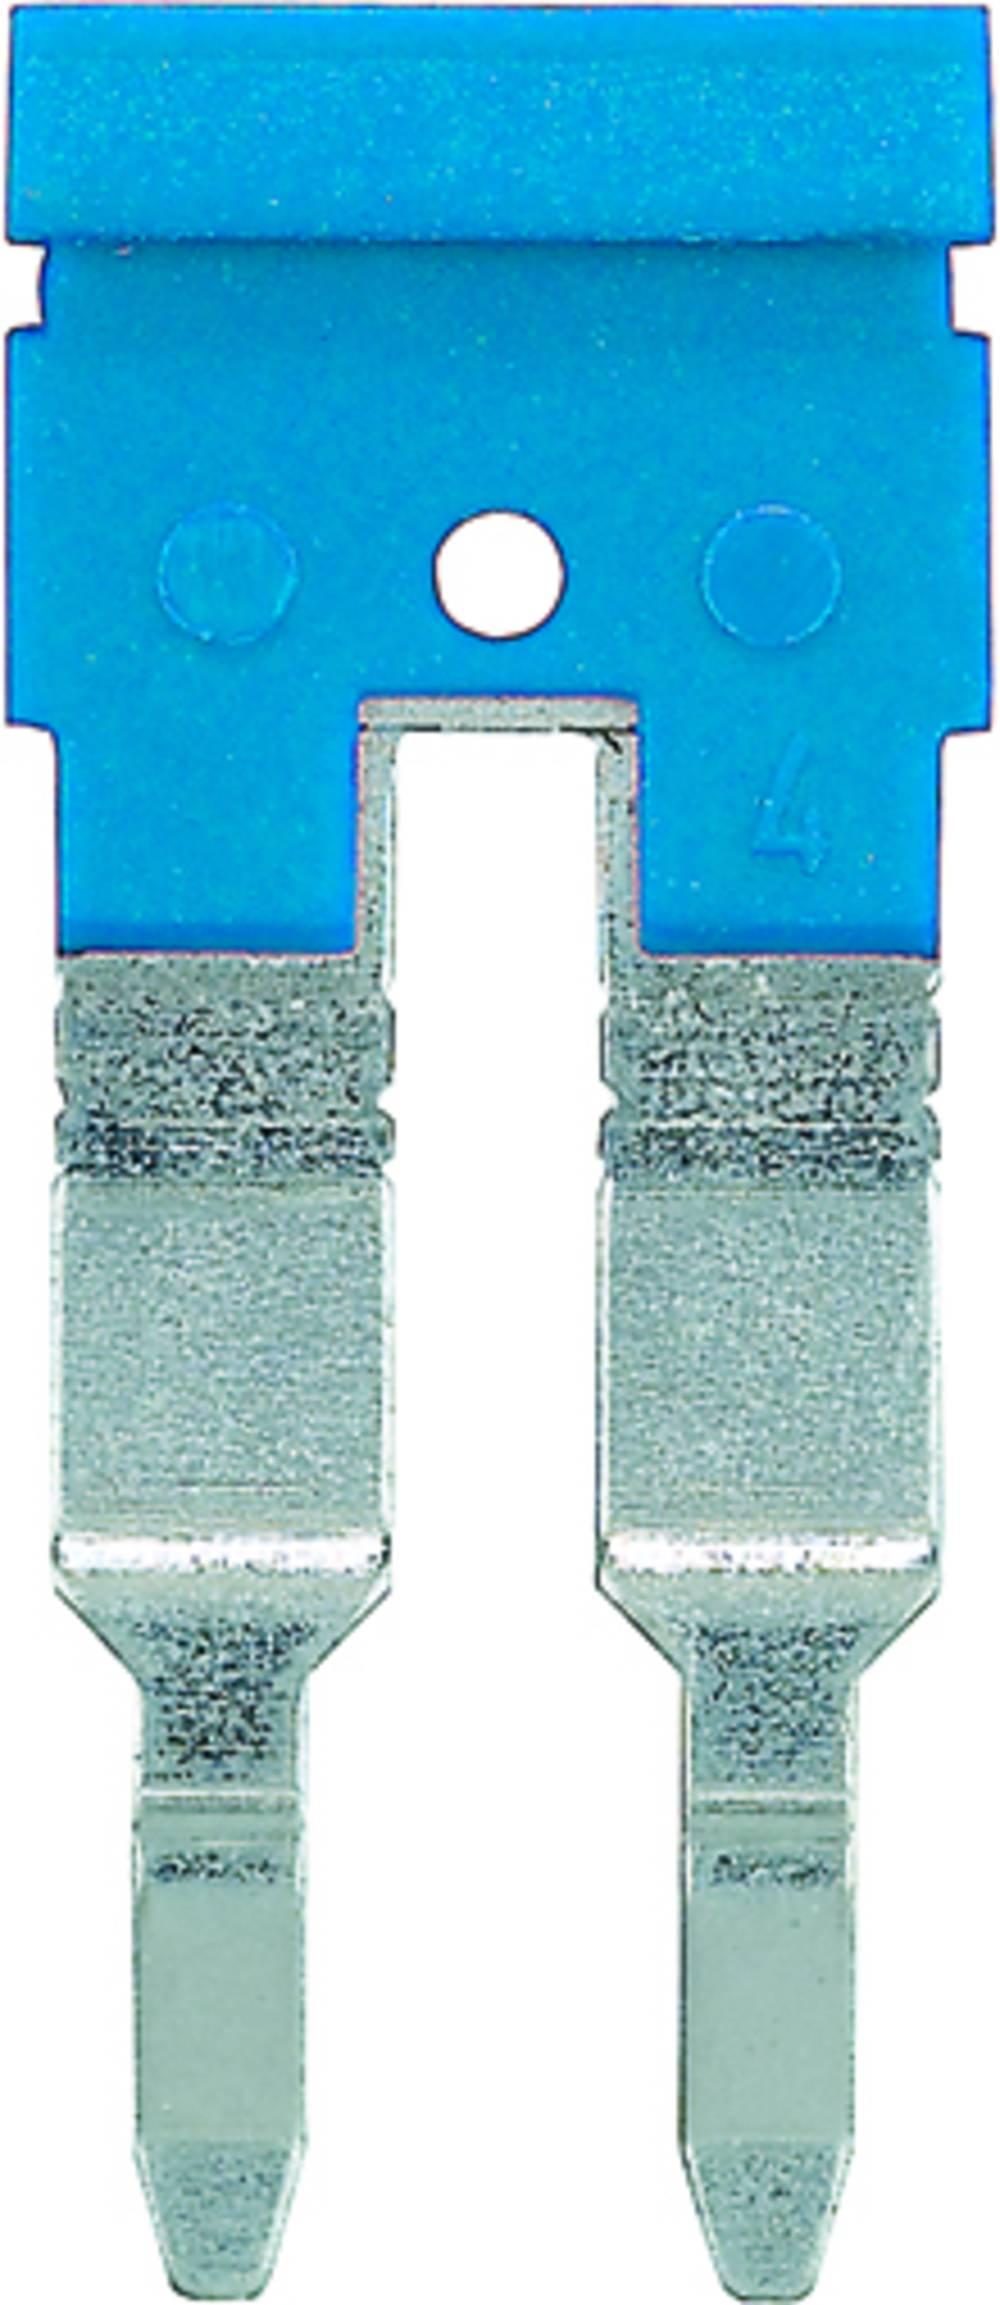 cross-stik ZQV 4N/2 BL 1793960000 Weidmüller 60 stk